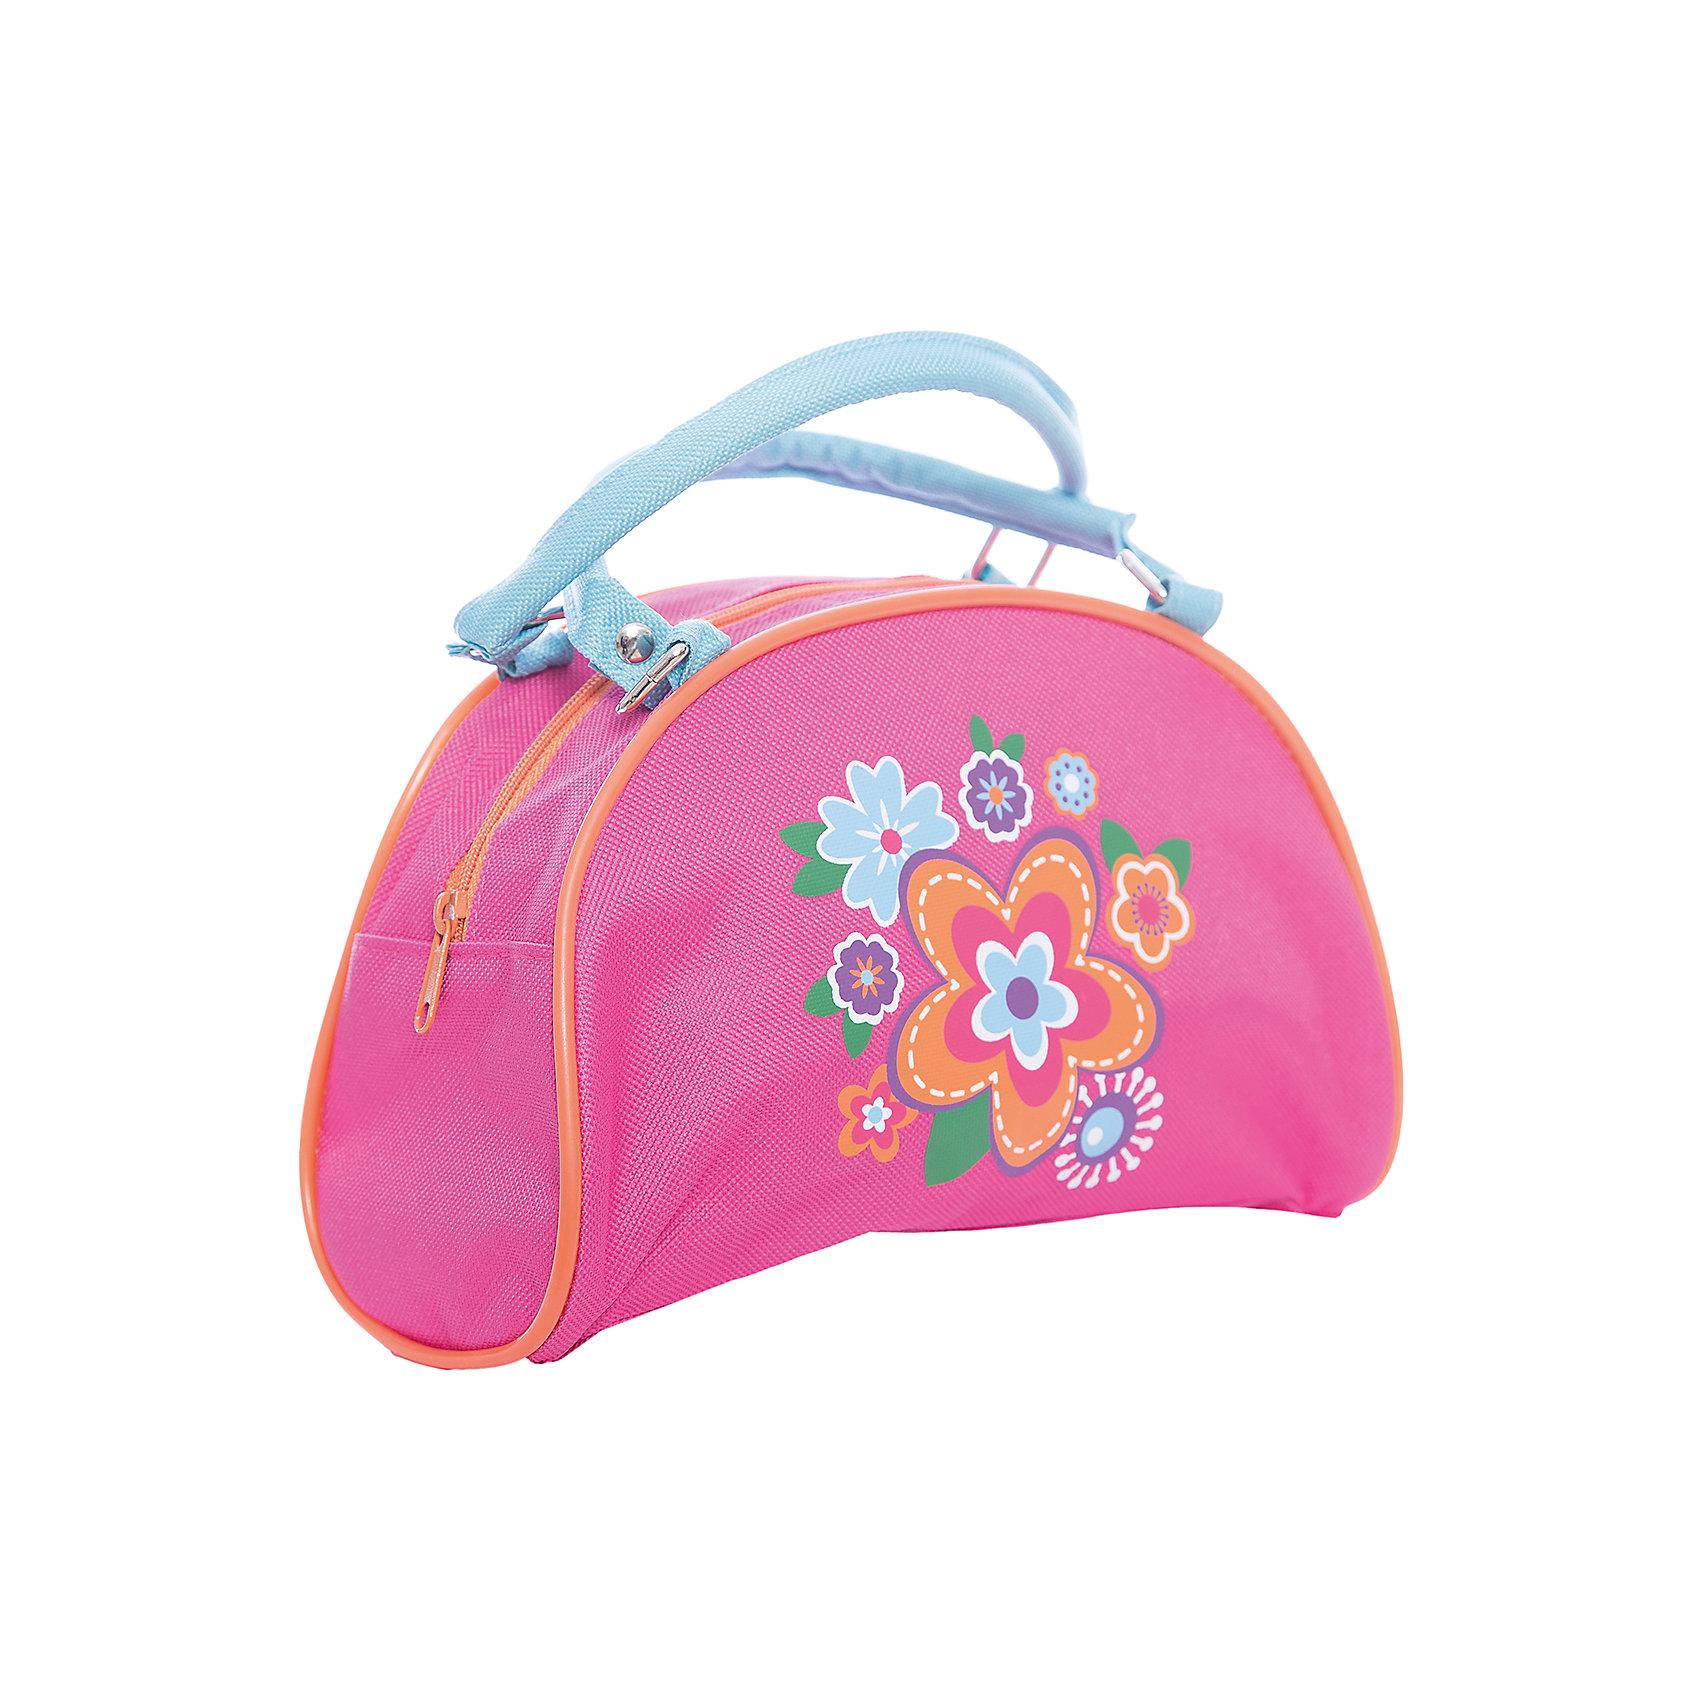 Сумочка Цветок 22*9*13.5 см.Детские сумки<br>Эта симпатичная детская сумочка от российской торговой марки Mary Poppins называется Цветок. Интересное цветовое исполнение обязательно подчеркнет женственный образ любой девочки в возрасте от трех лет и старше. На поверхности сумочки изображен красивый цветочек. Такой аксессуар позволит каждой малышке почувствовать себя стильной.<br><br>Ширина мм: 220<br>Глубина мм: 170<br>Высота мм: 200<br>Вес г: 52<br>Возраст от месяцев: 36<br>Возраст до месяцев: 2147483647<br>Пол: Женский<br>Возраст: Детский<br>SKU: 5508576